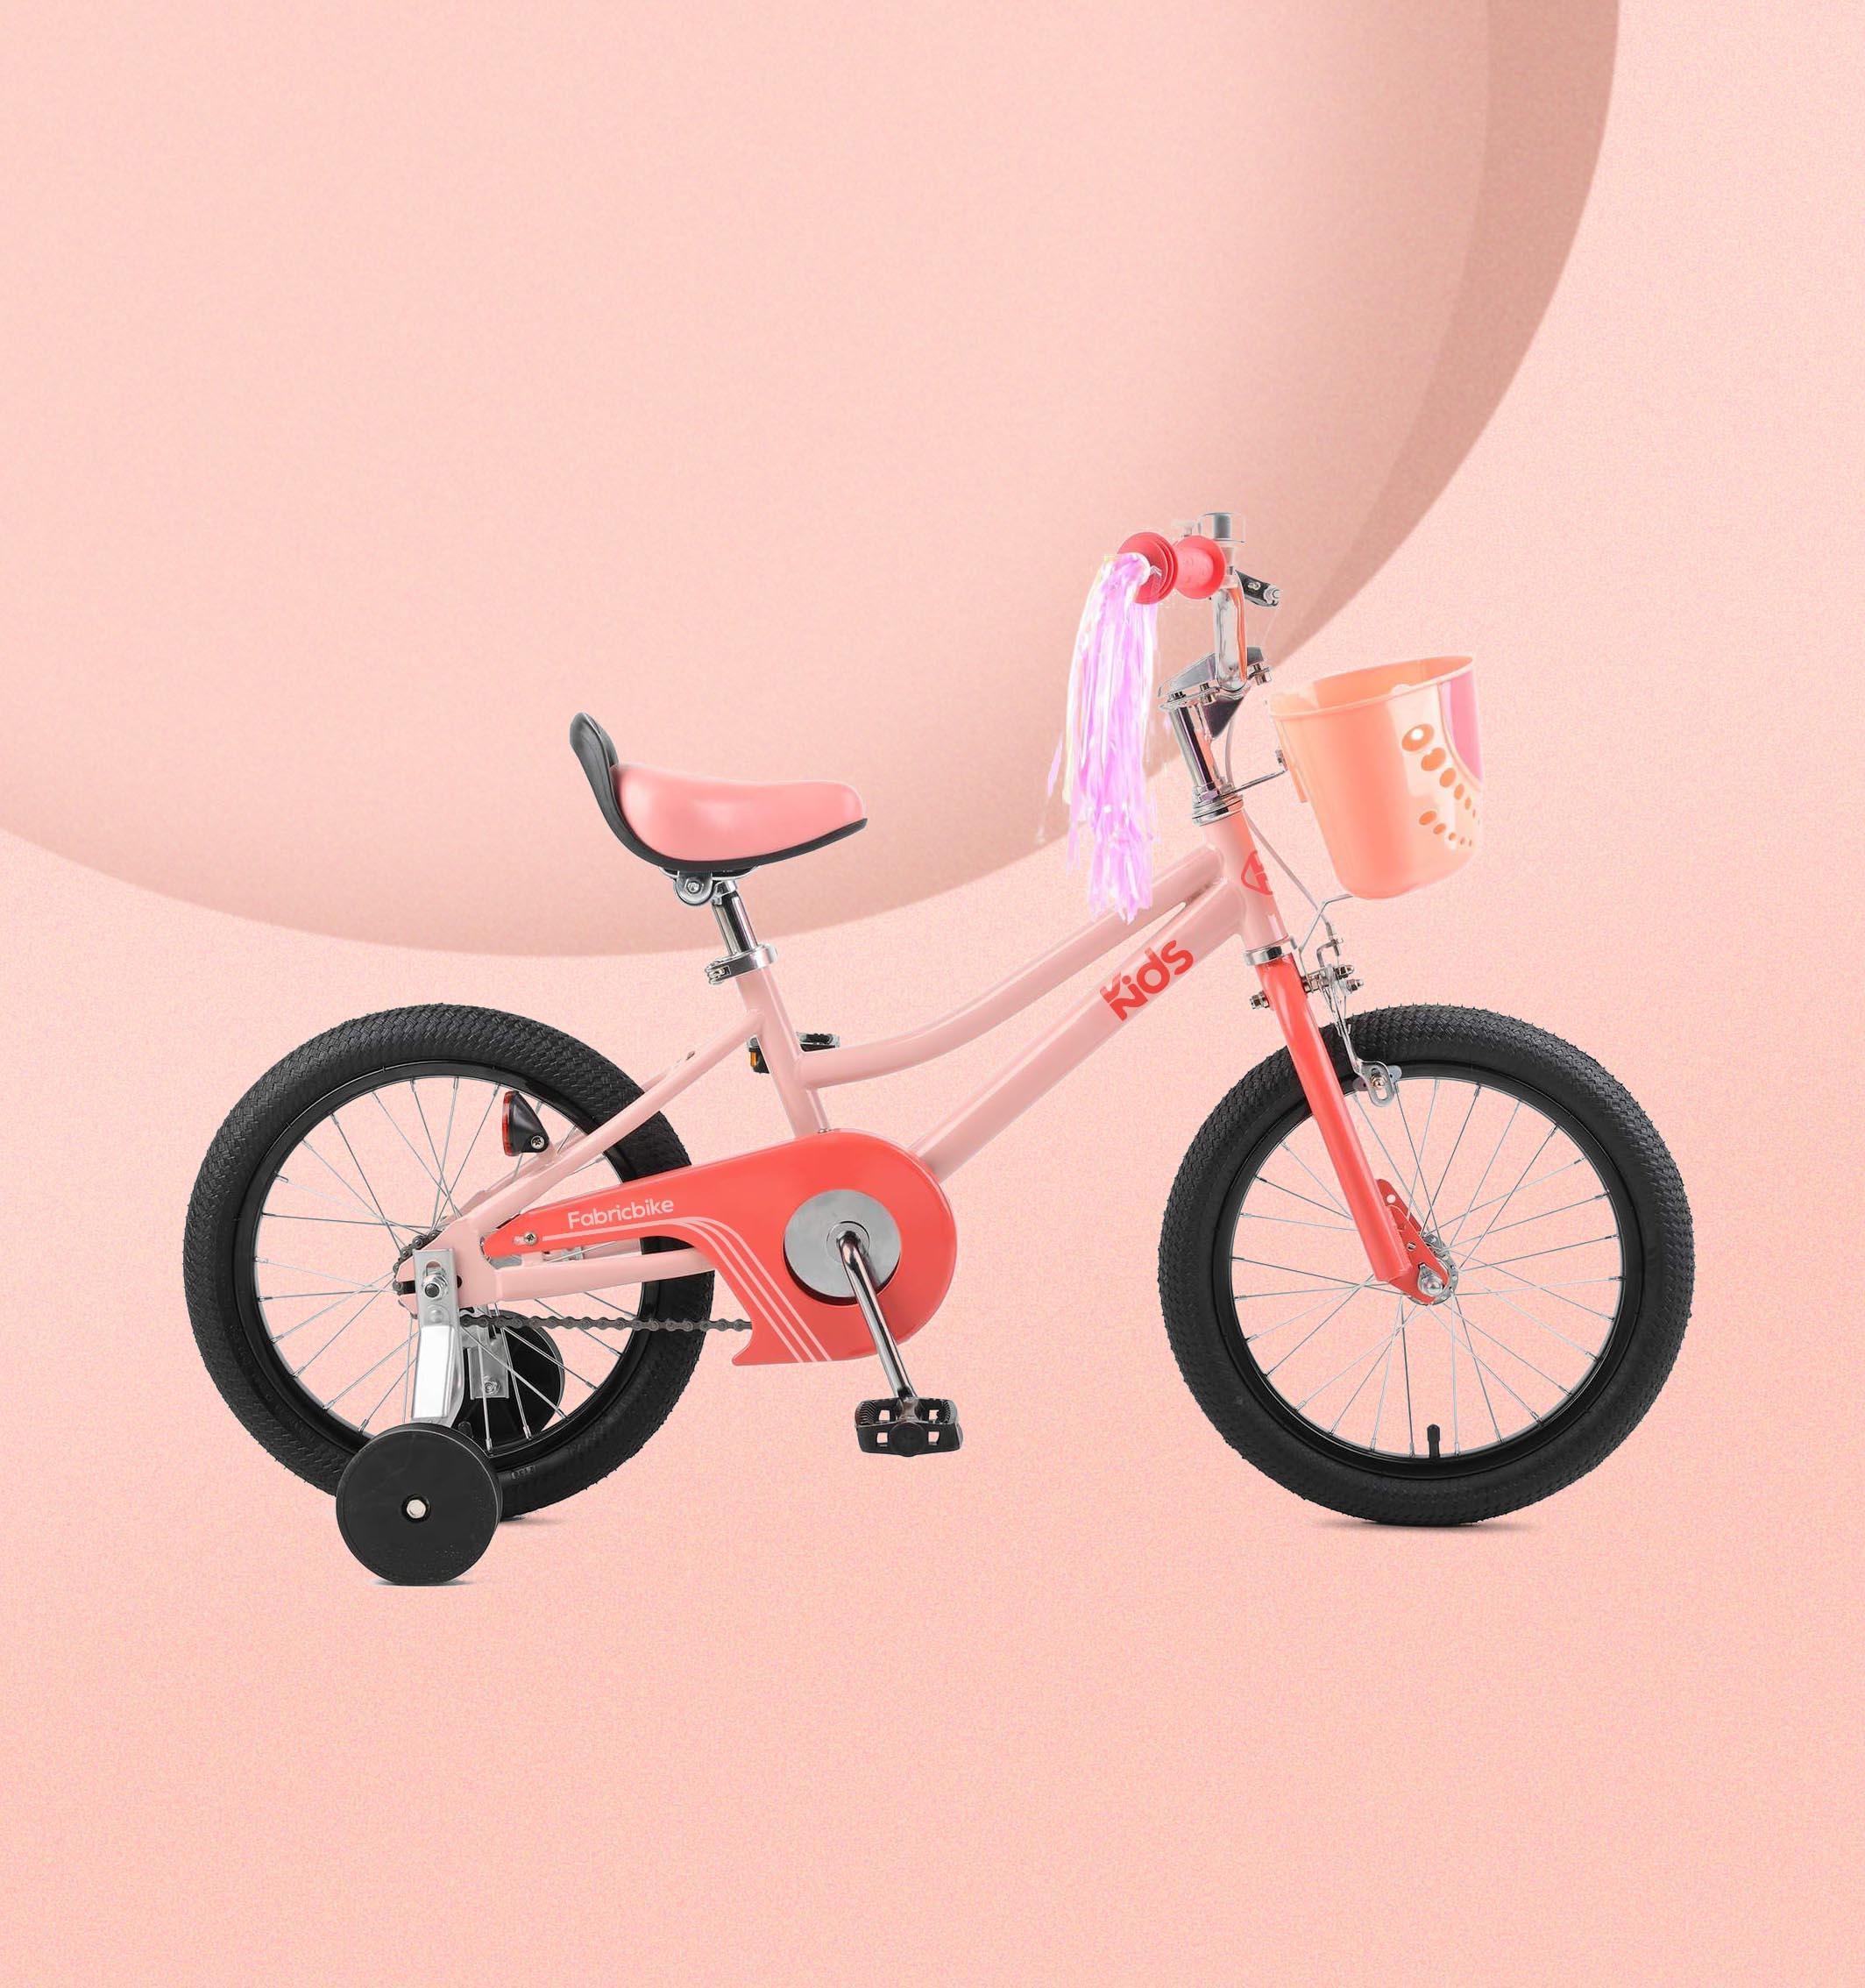 Bike for kid girl